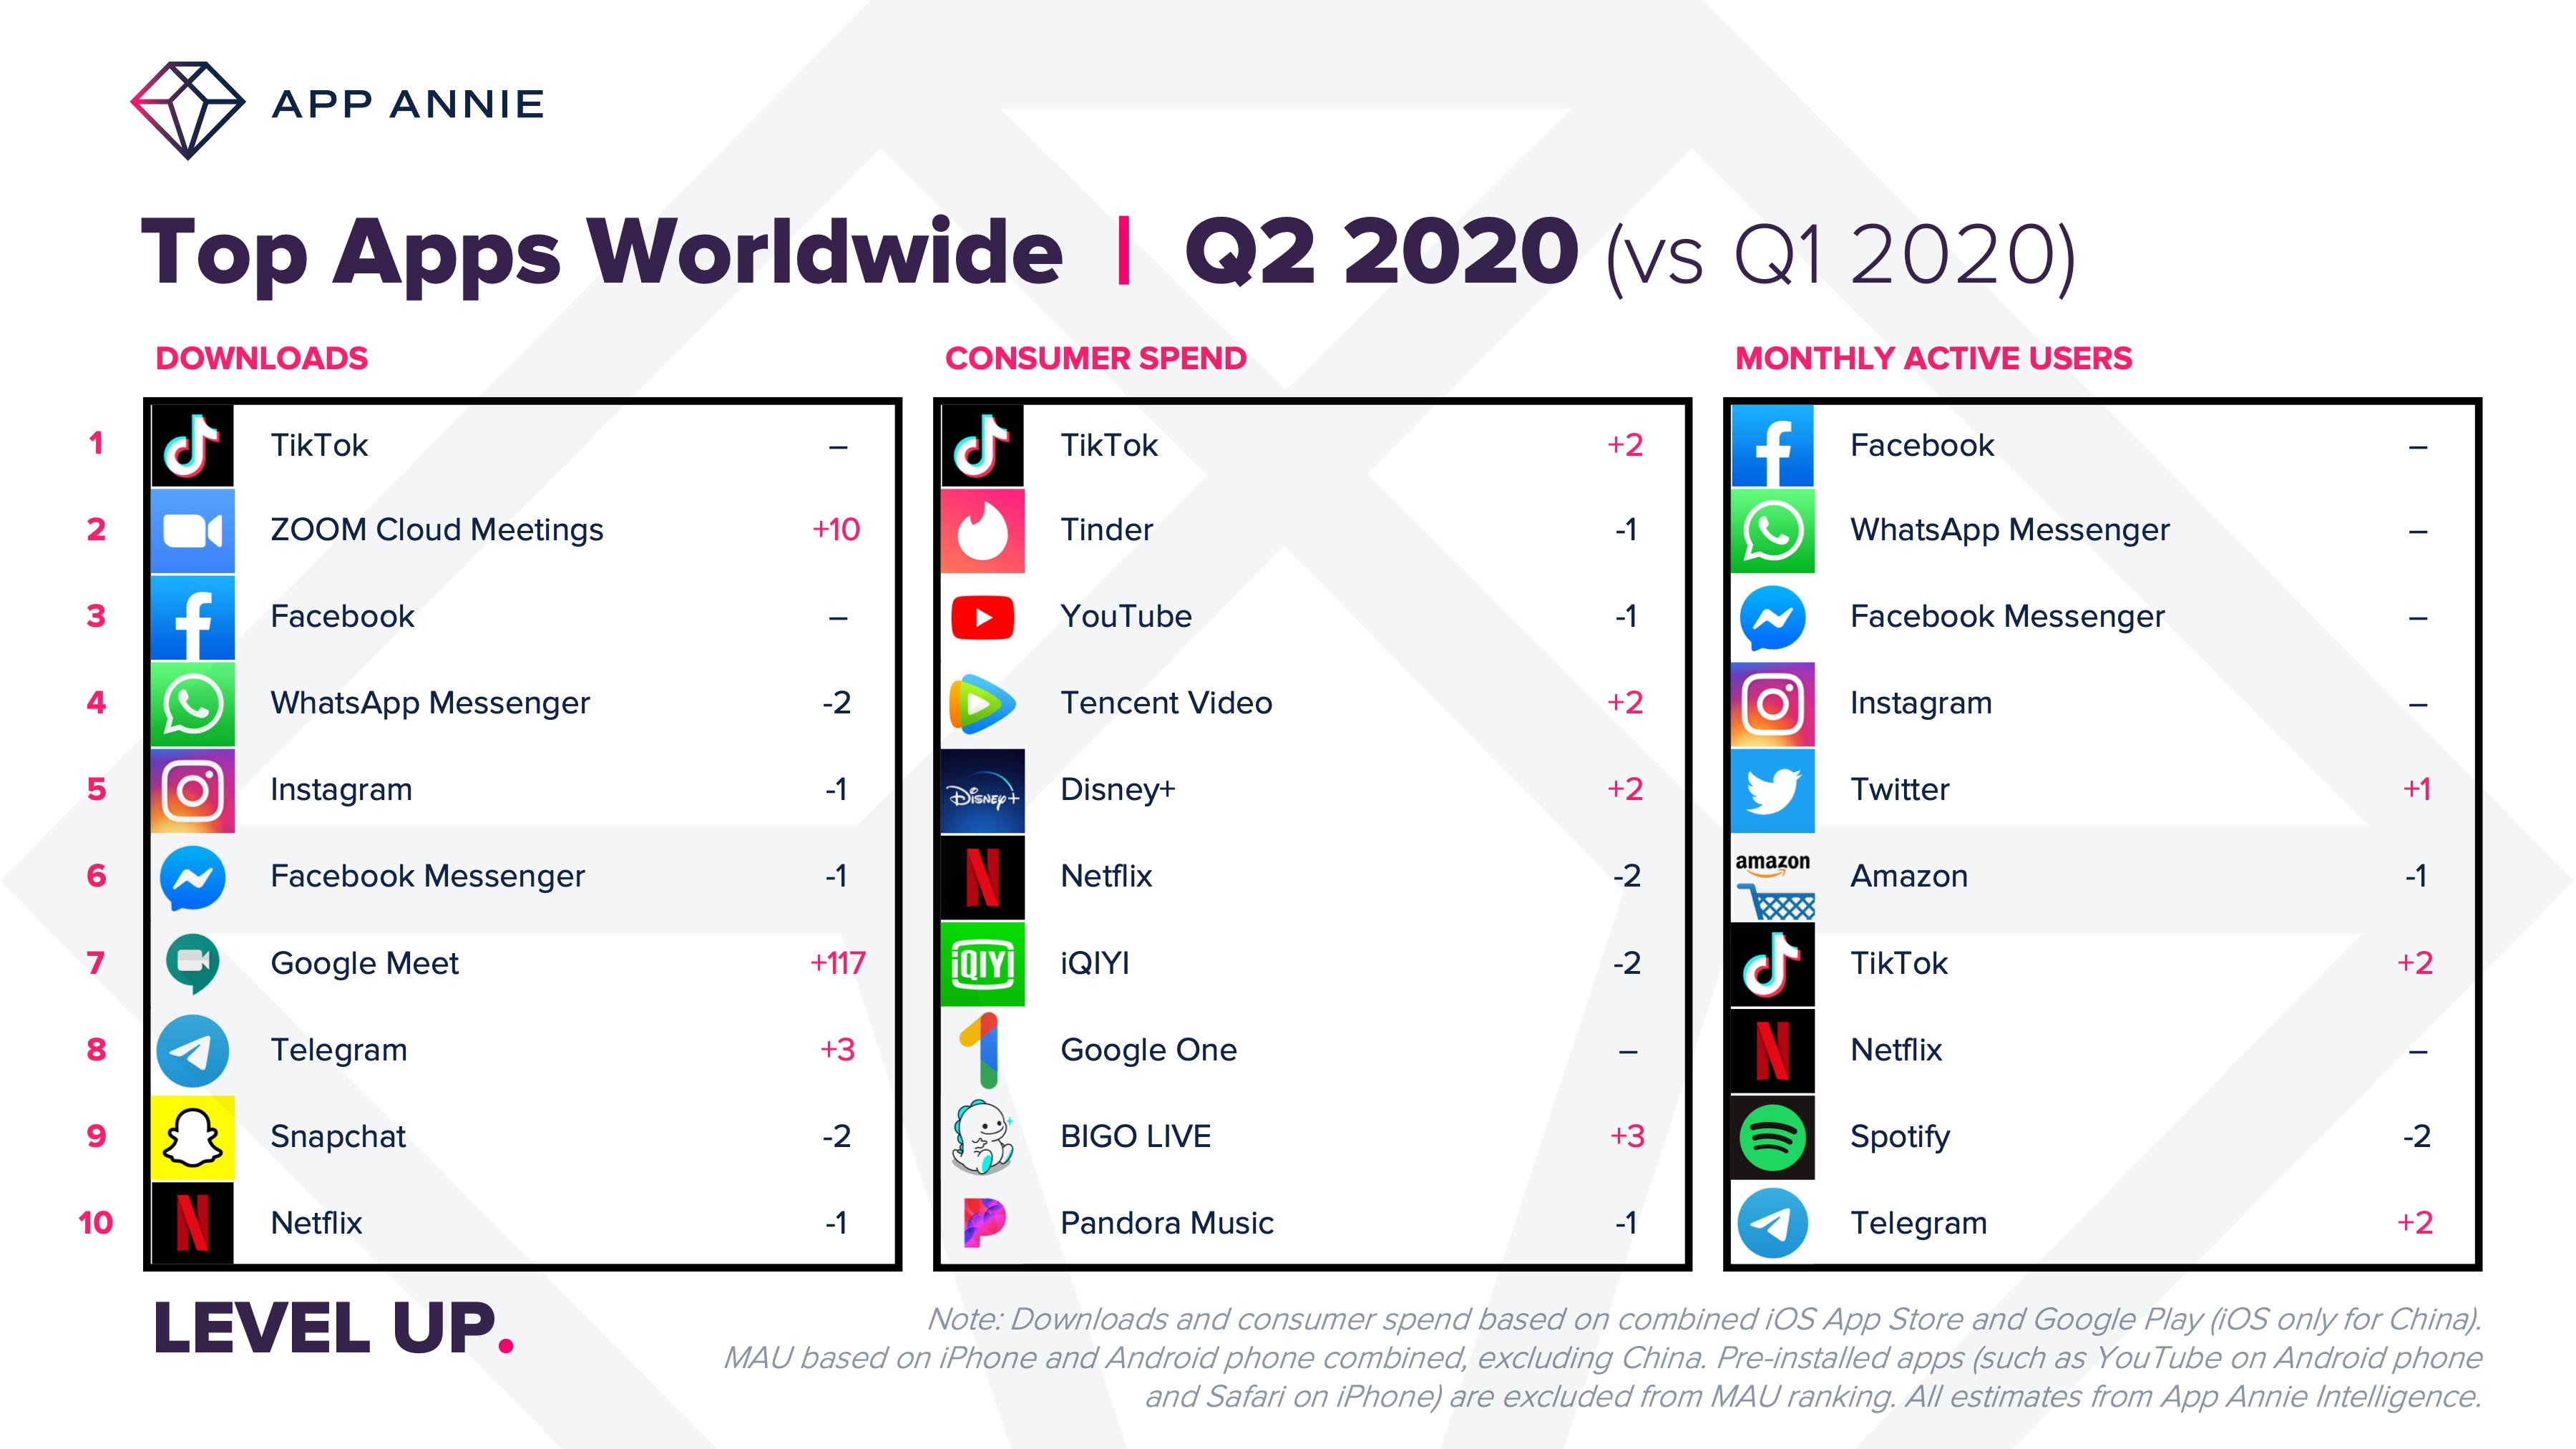 Le top des applications mobiles (hors jeux) dans le monde A2 2020 : téléchargements, dépenses utilisateurs, utilisateurs actifs mensuels.